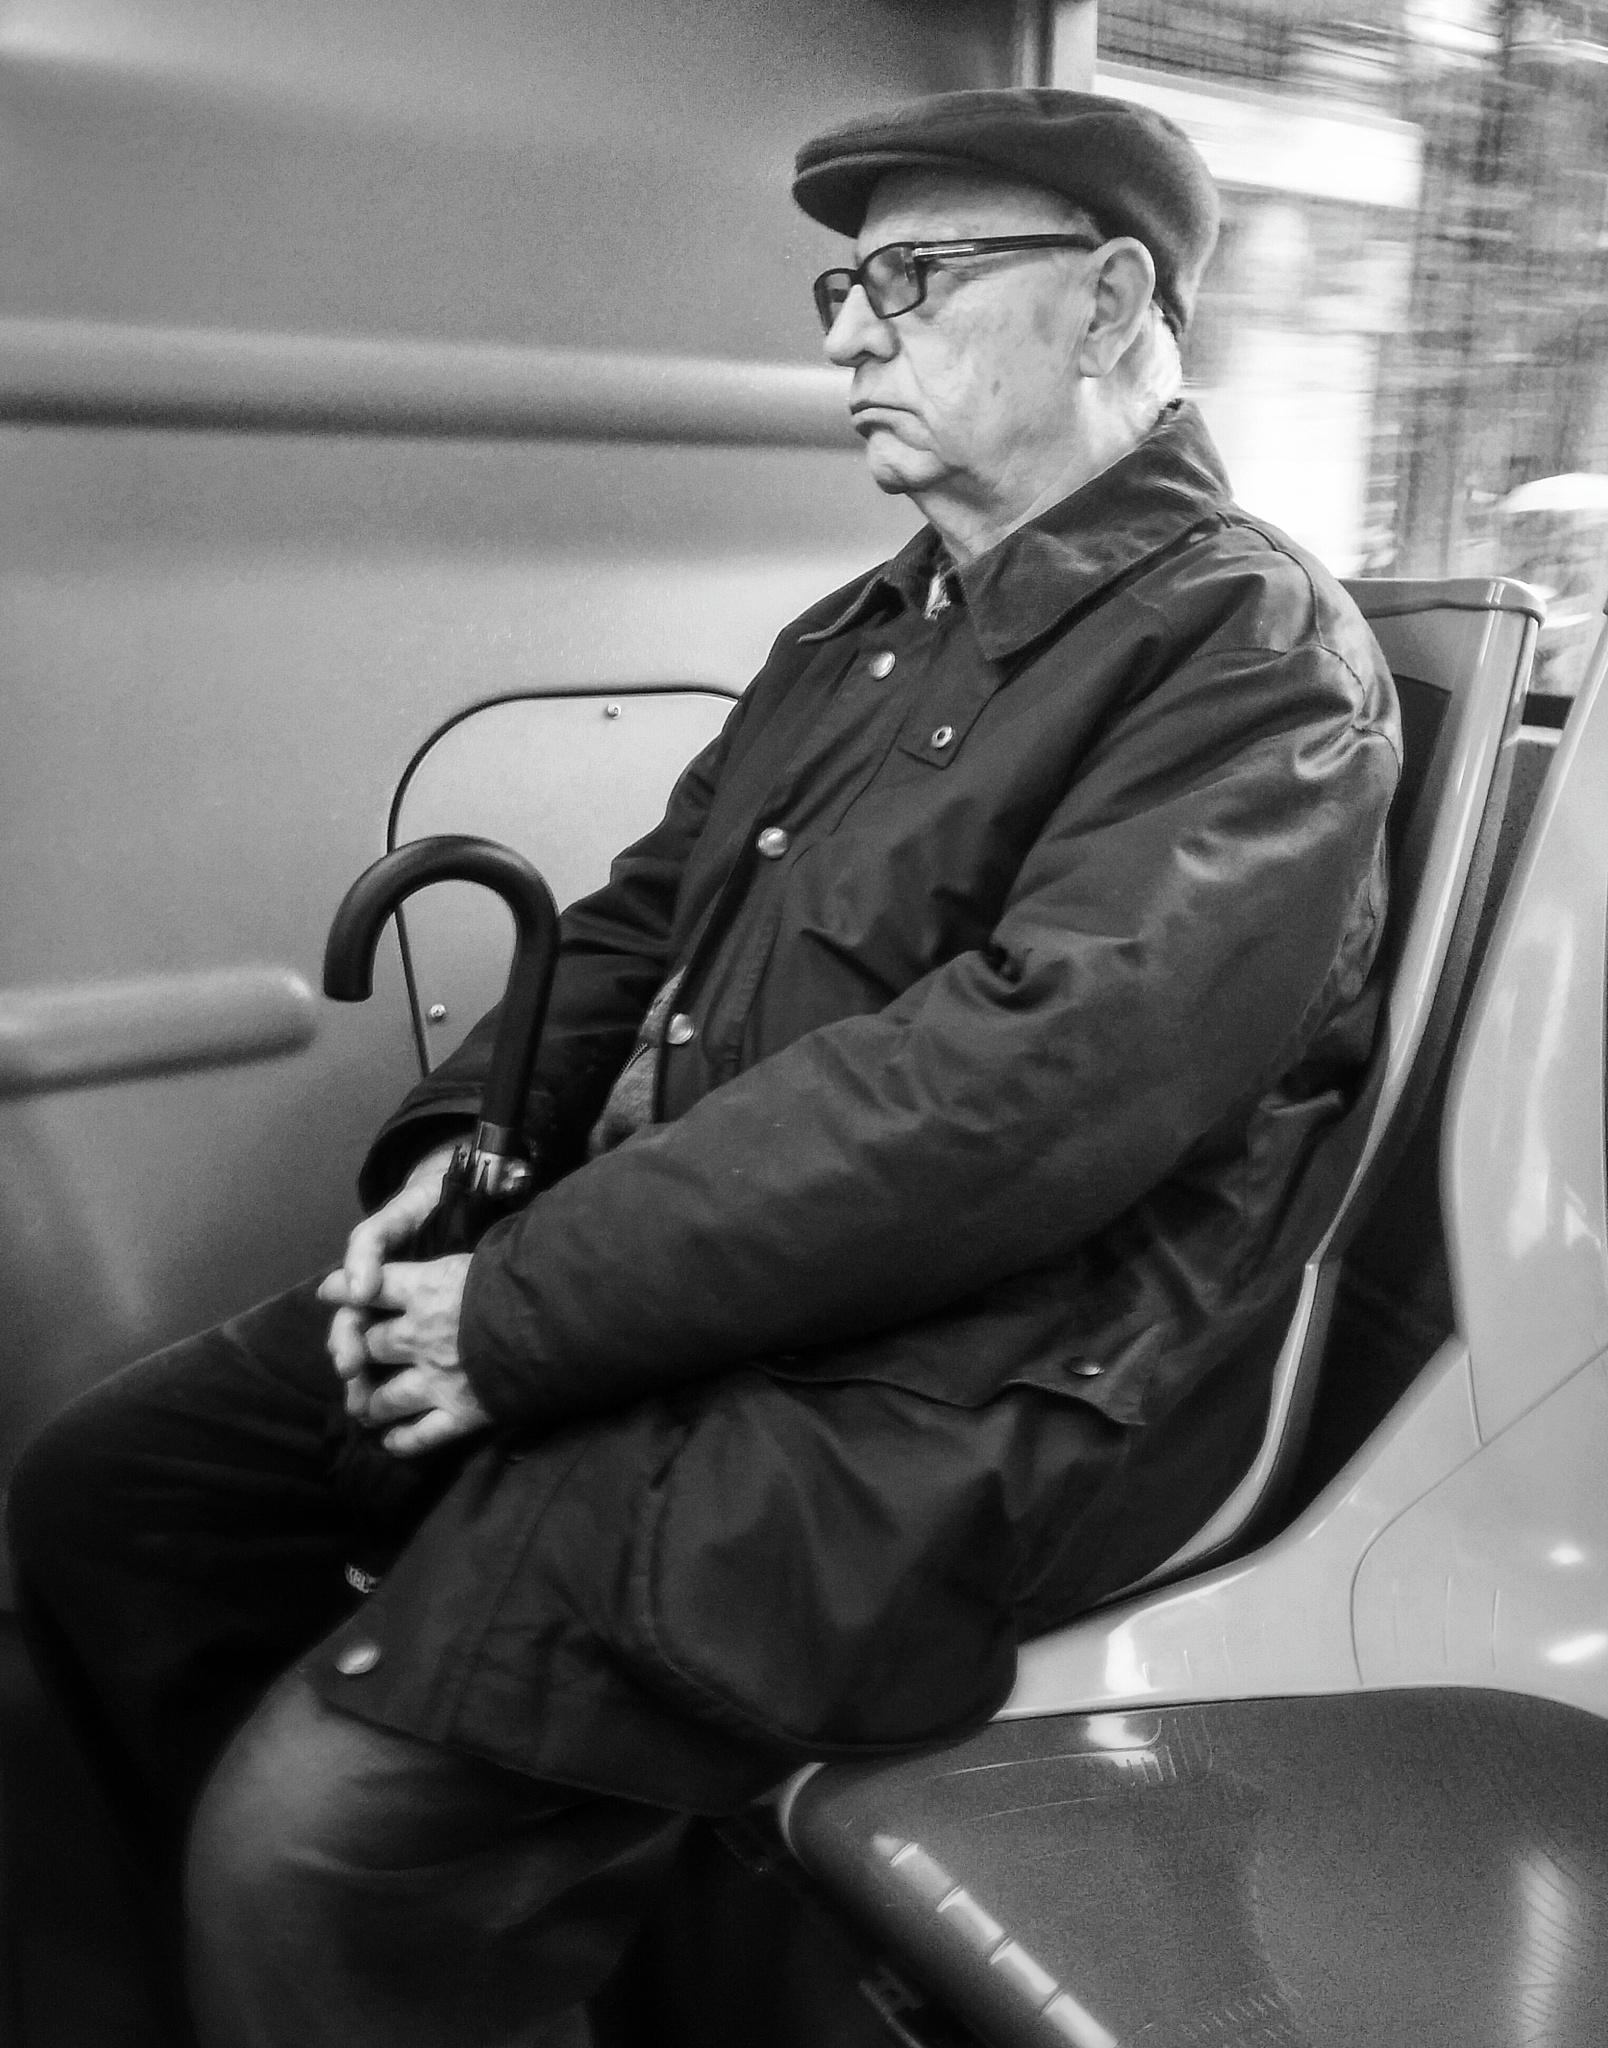 miradas en el bus... by enmafa